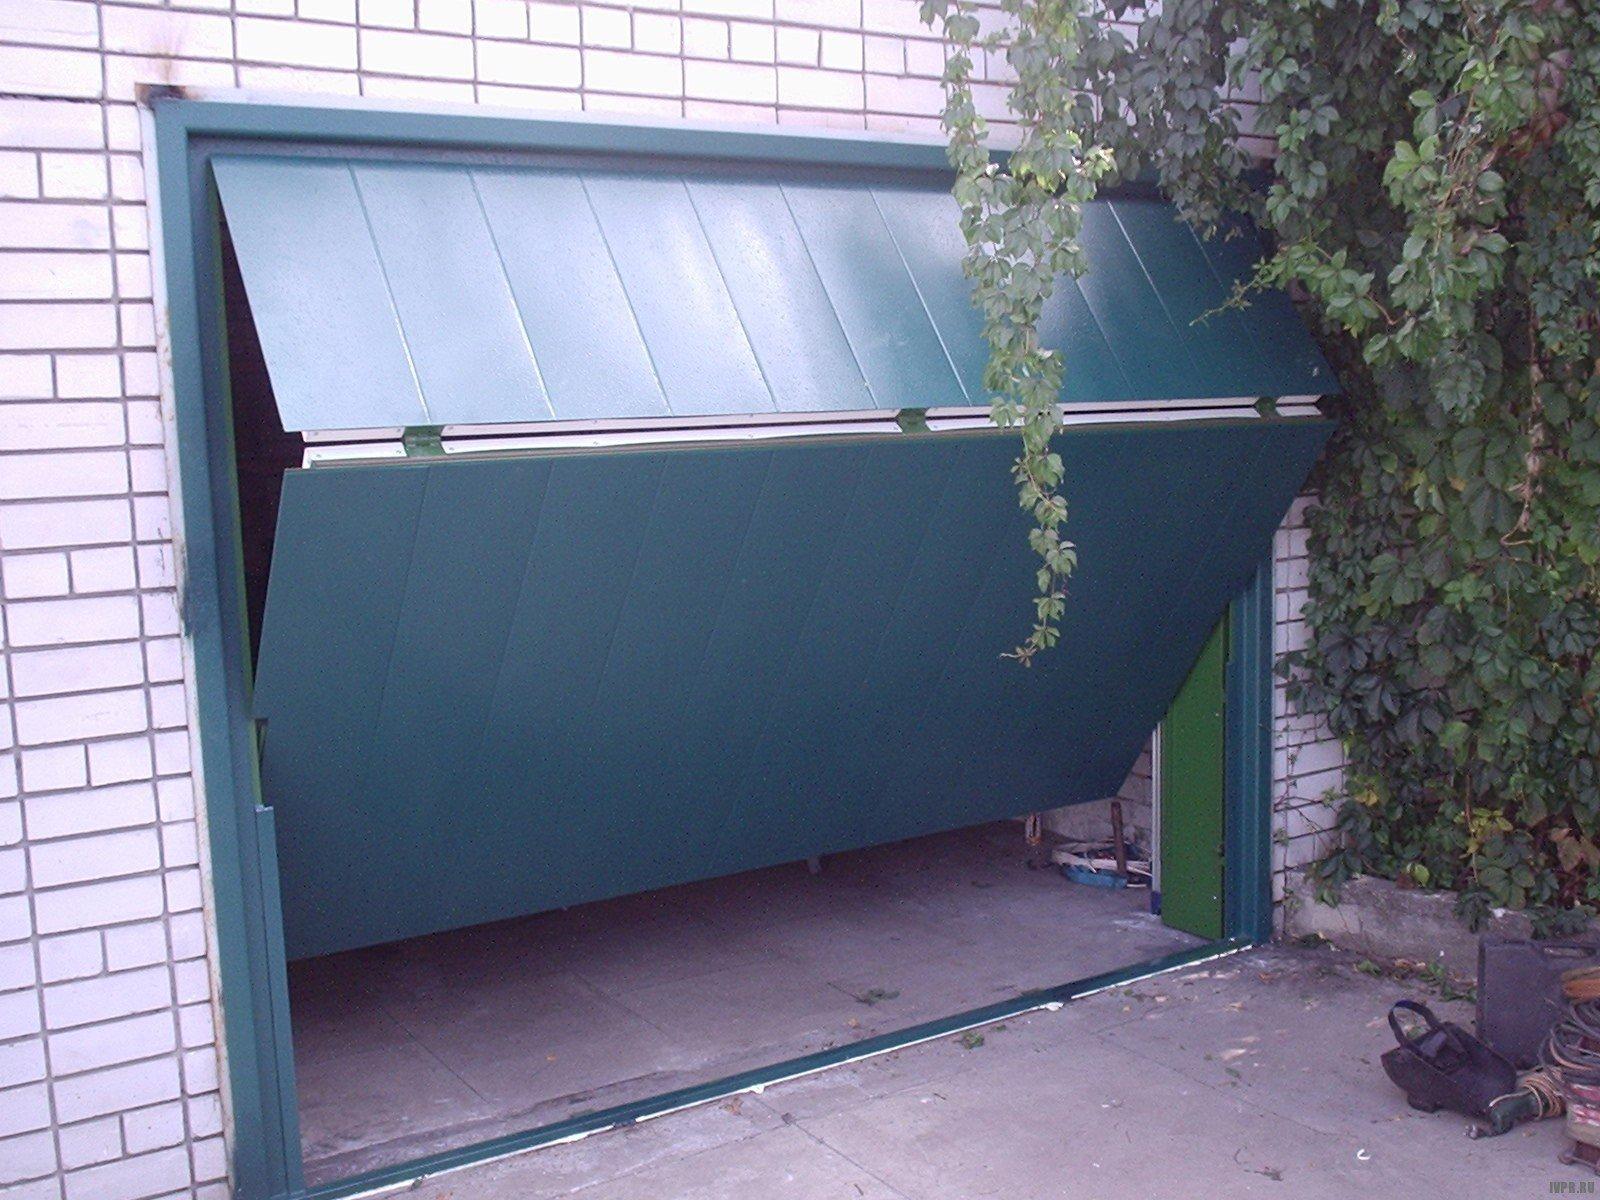 Подъёмные гаражные ворота своими руками - монтаж 24